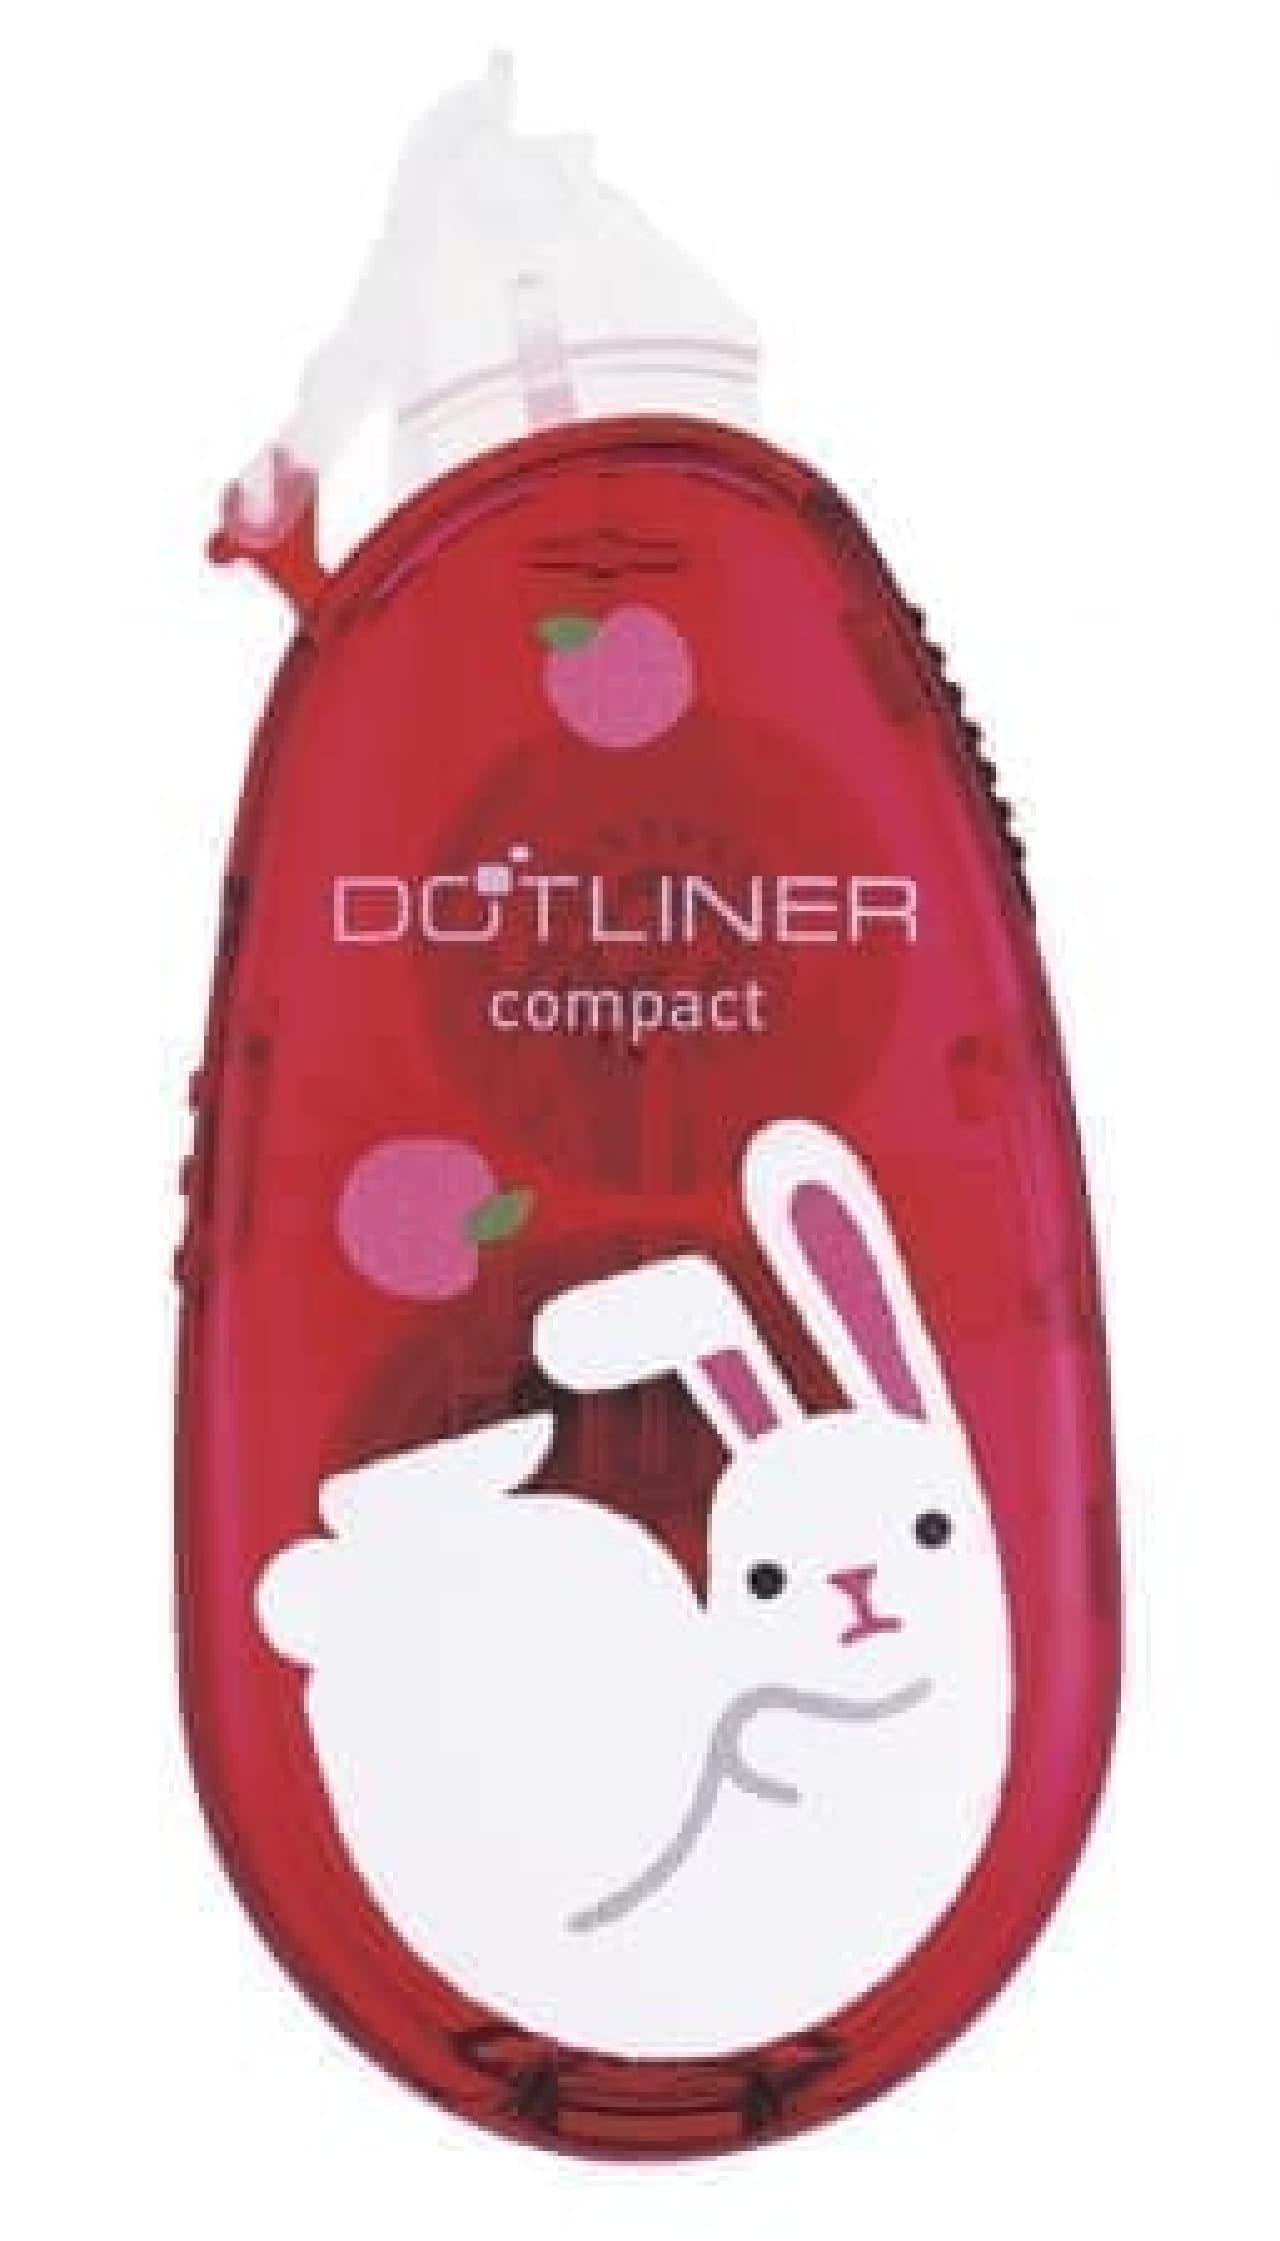 ネコやウサギのシルエットが次々と♪ テープのり「ドットライナー」から可愛い限定品